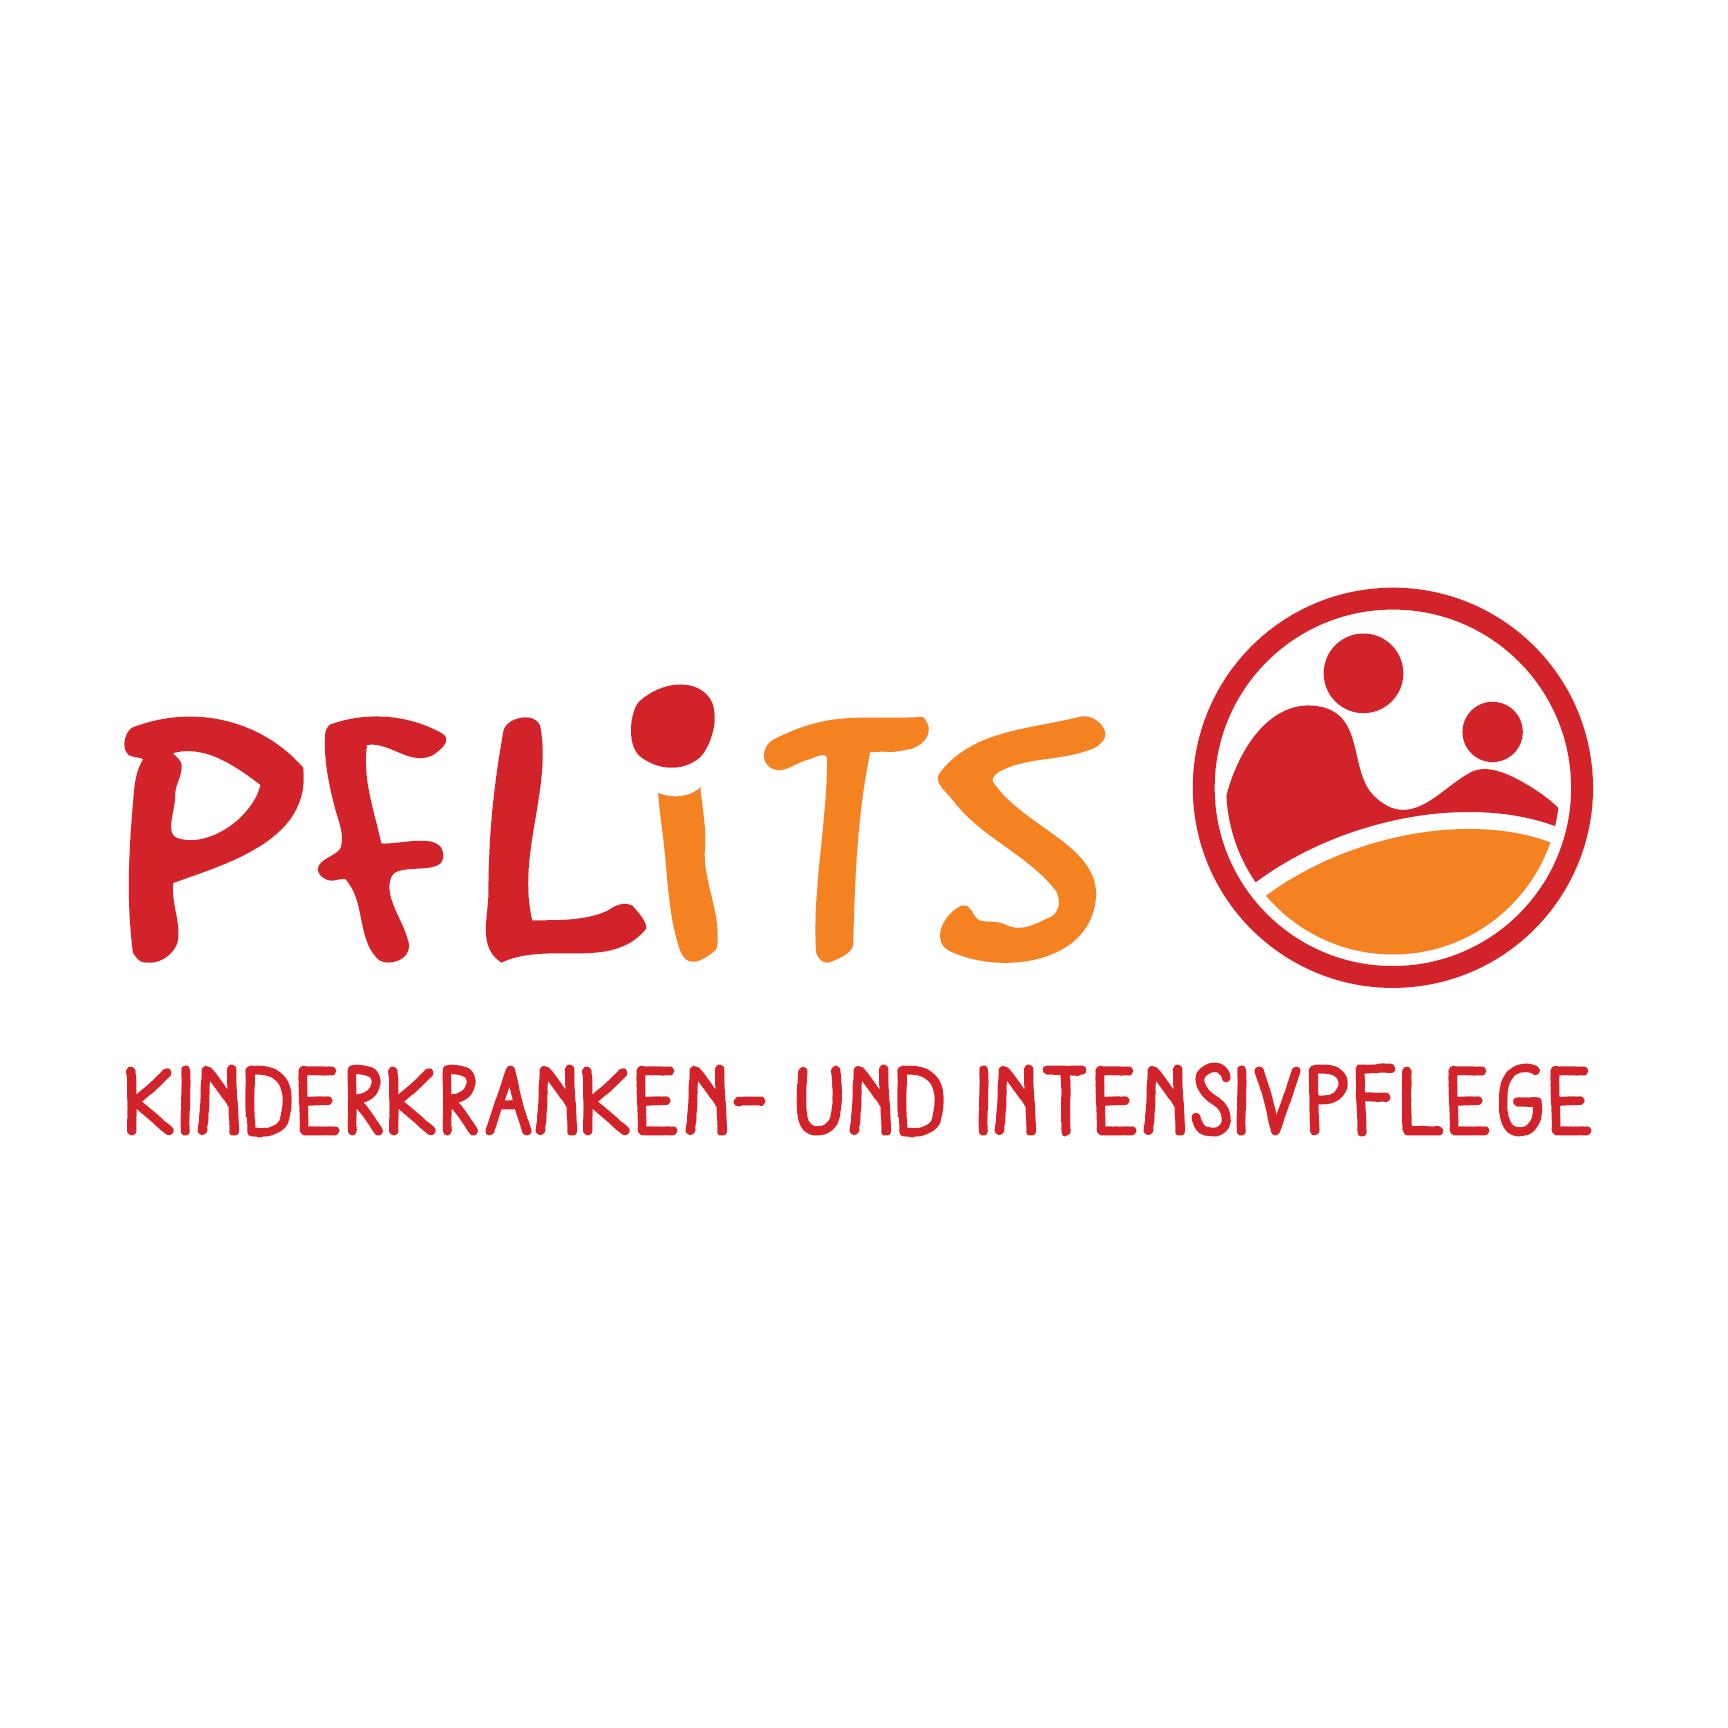 PFLiTS Kinderkranken- und Intensivpflege